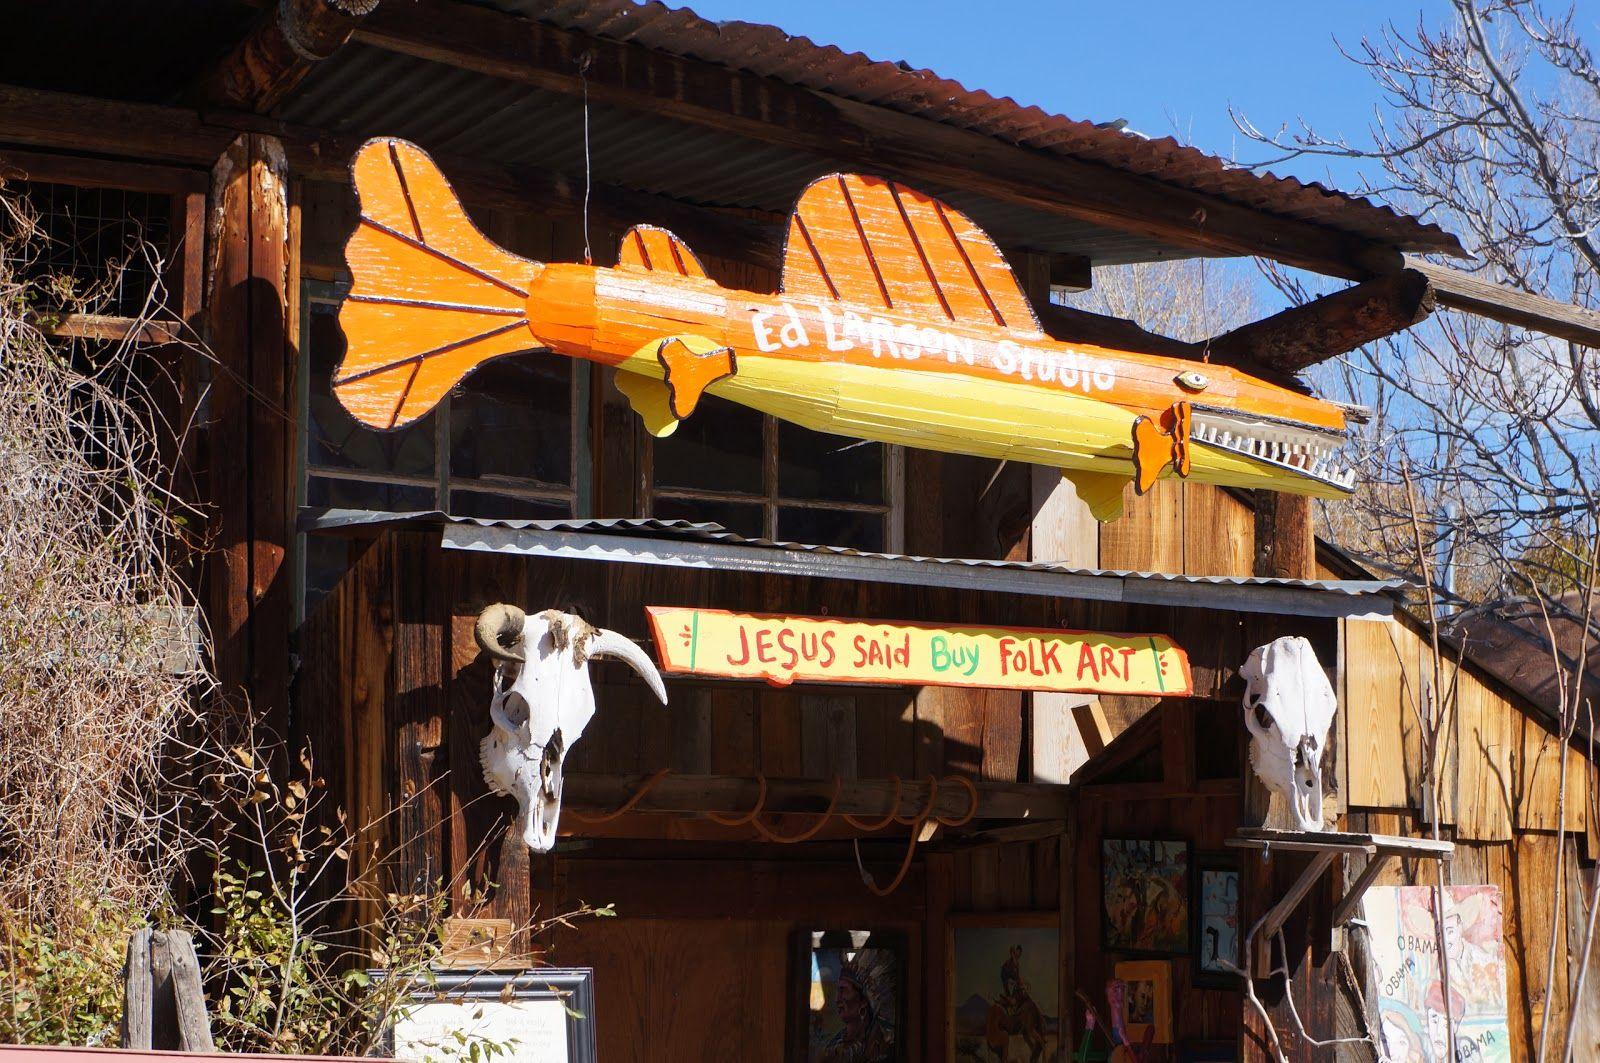 Santa Fe Canyon Road Walk | Canyon Road Activist say that Jesus wants you to buy folk art!